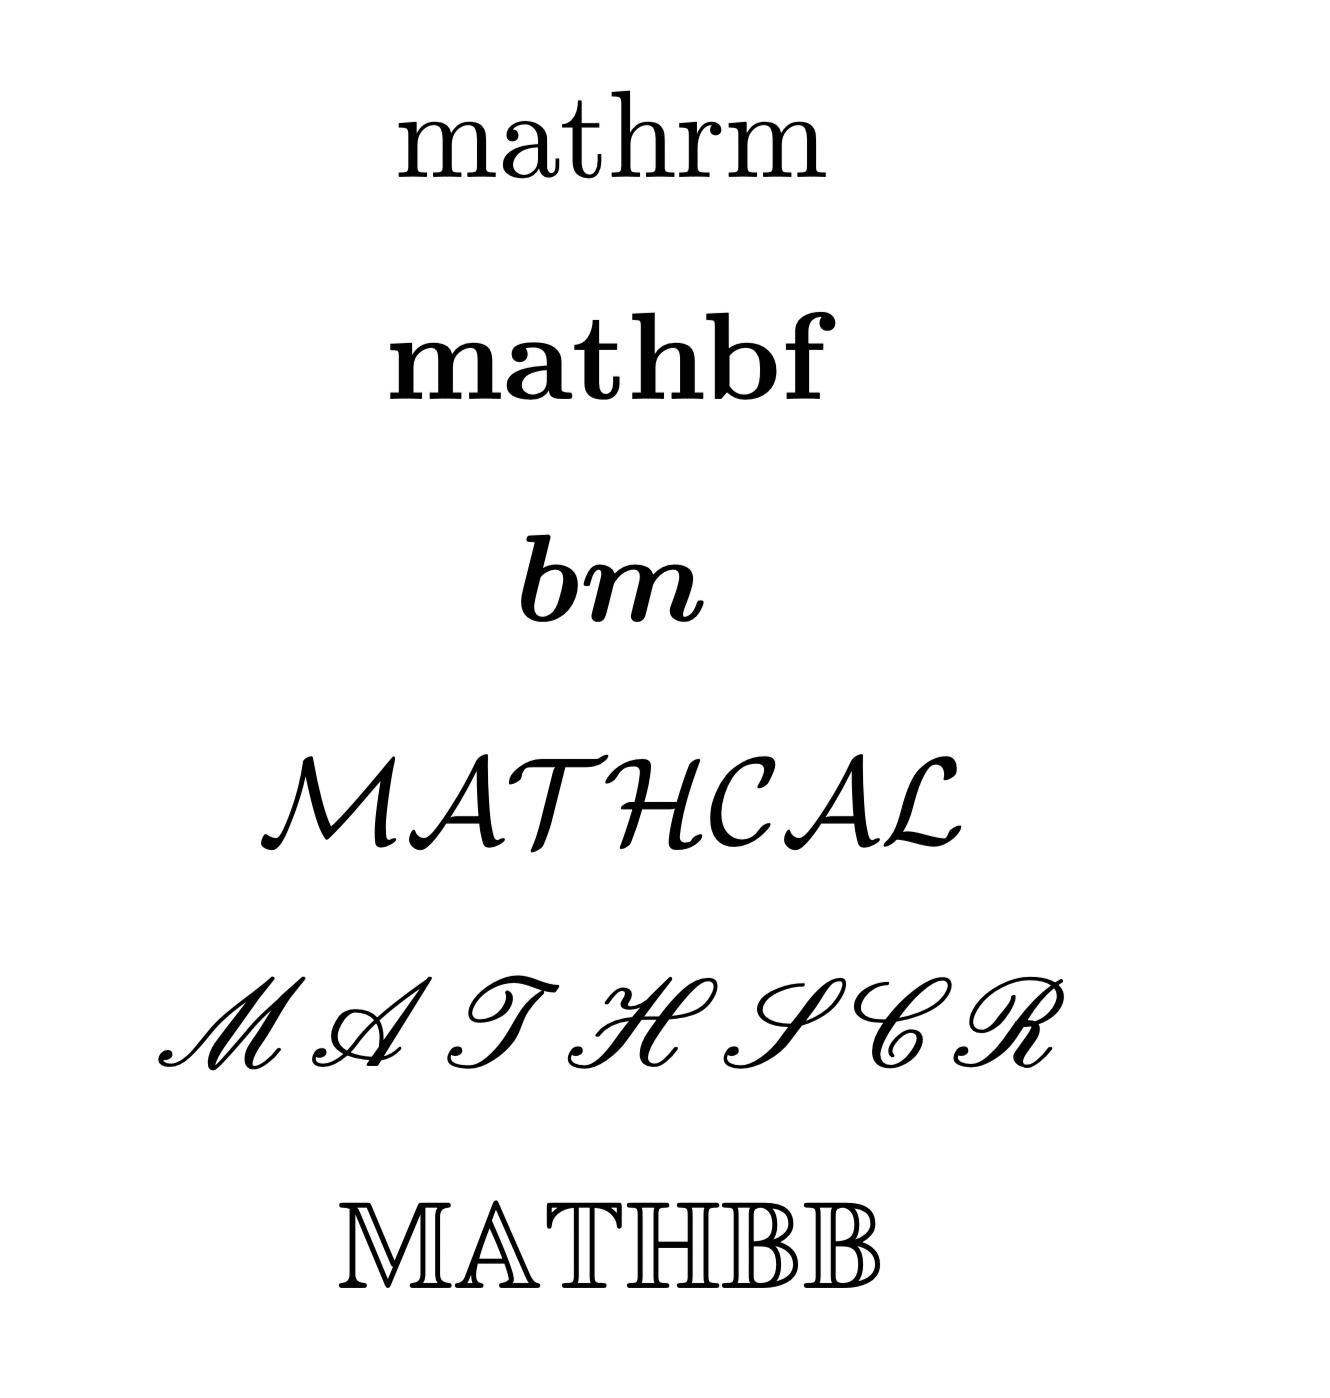 几种常用字体